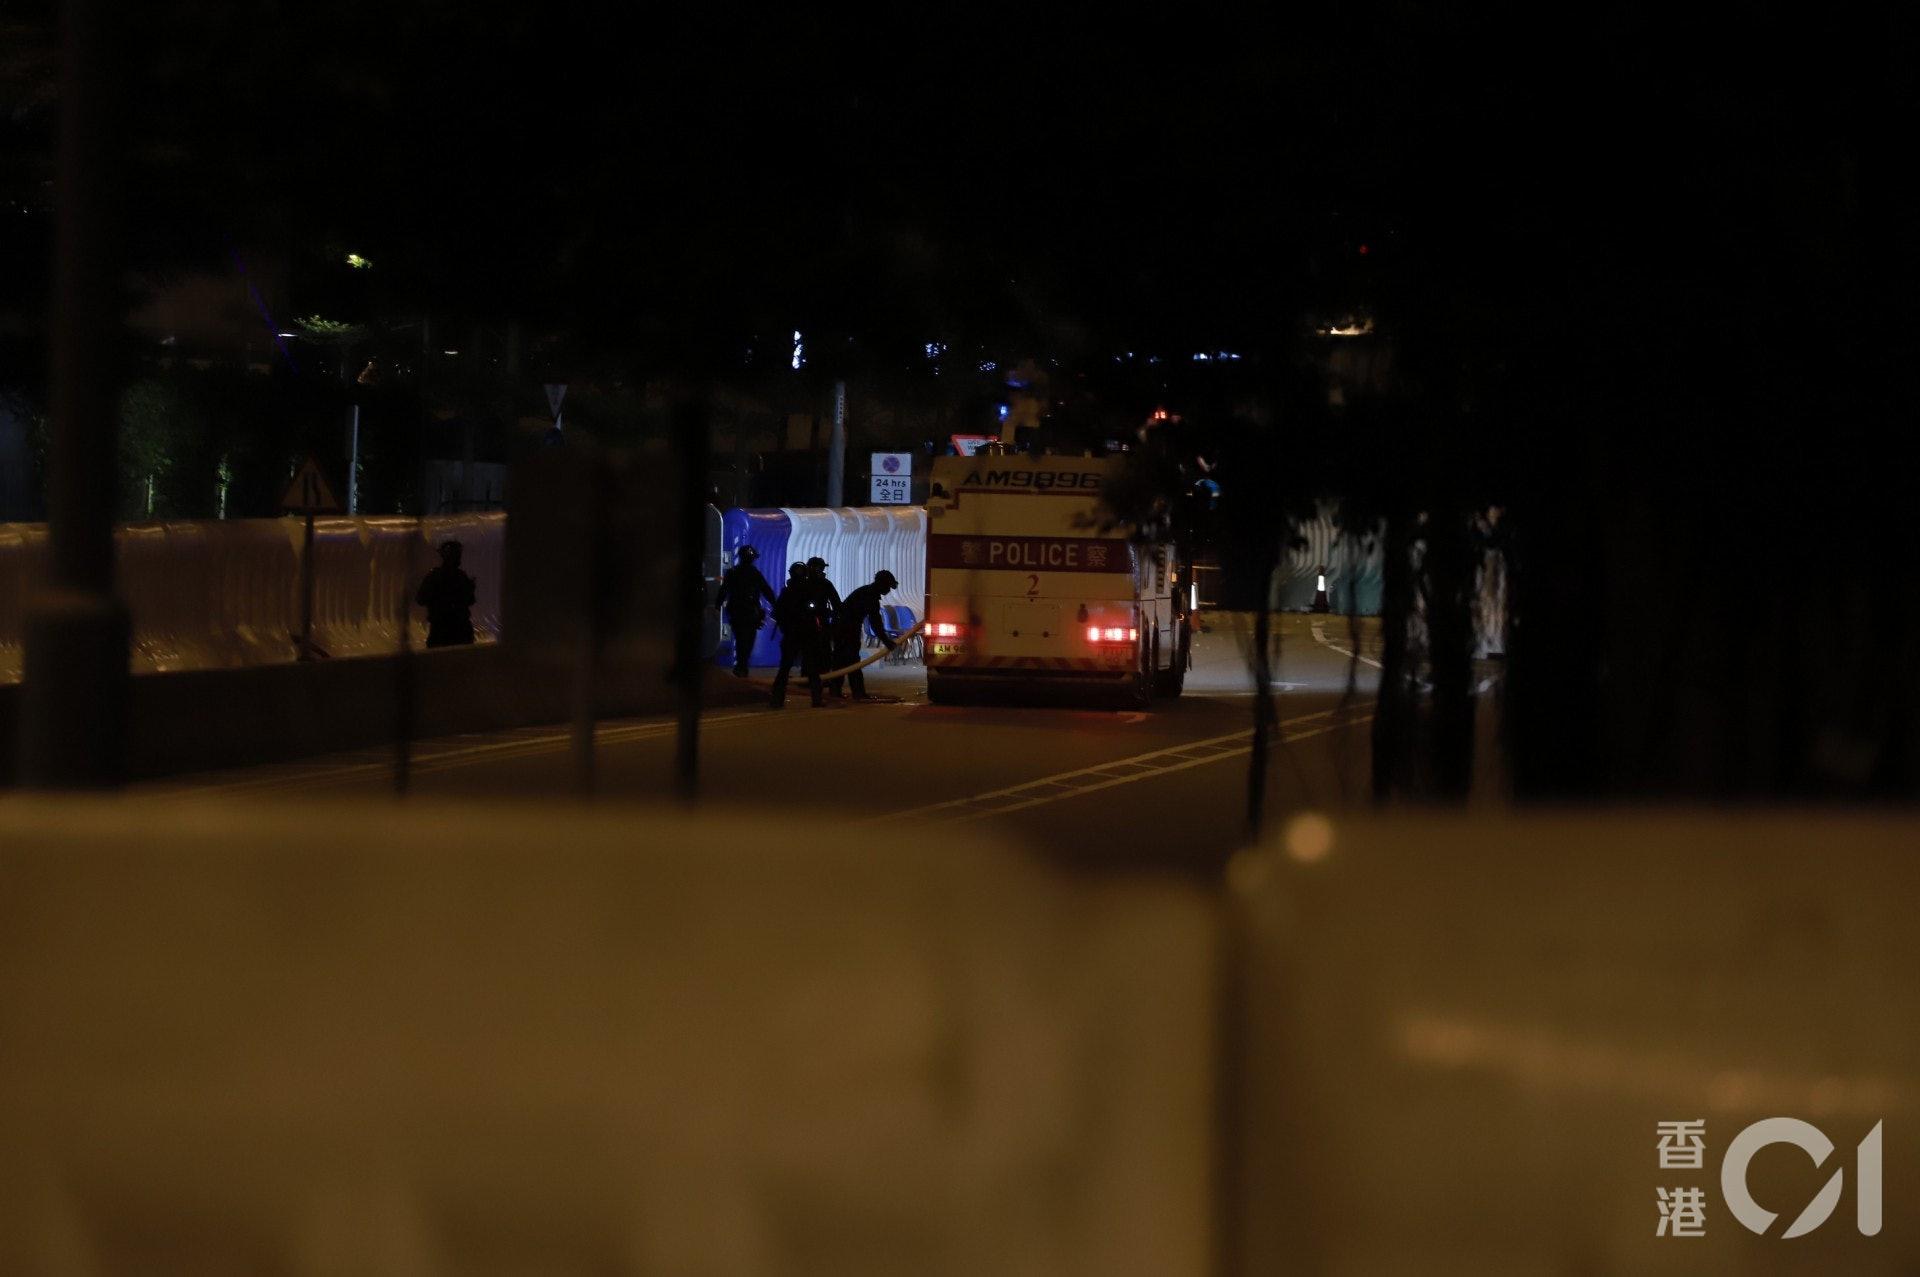 2019年9月28日,警方晚上8時許宣布驅散示威者,水炮車在特首辦內戒備。(羅國輝攝)